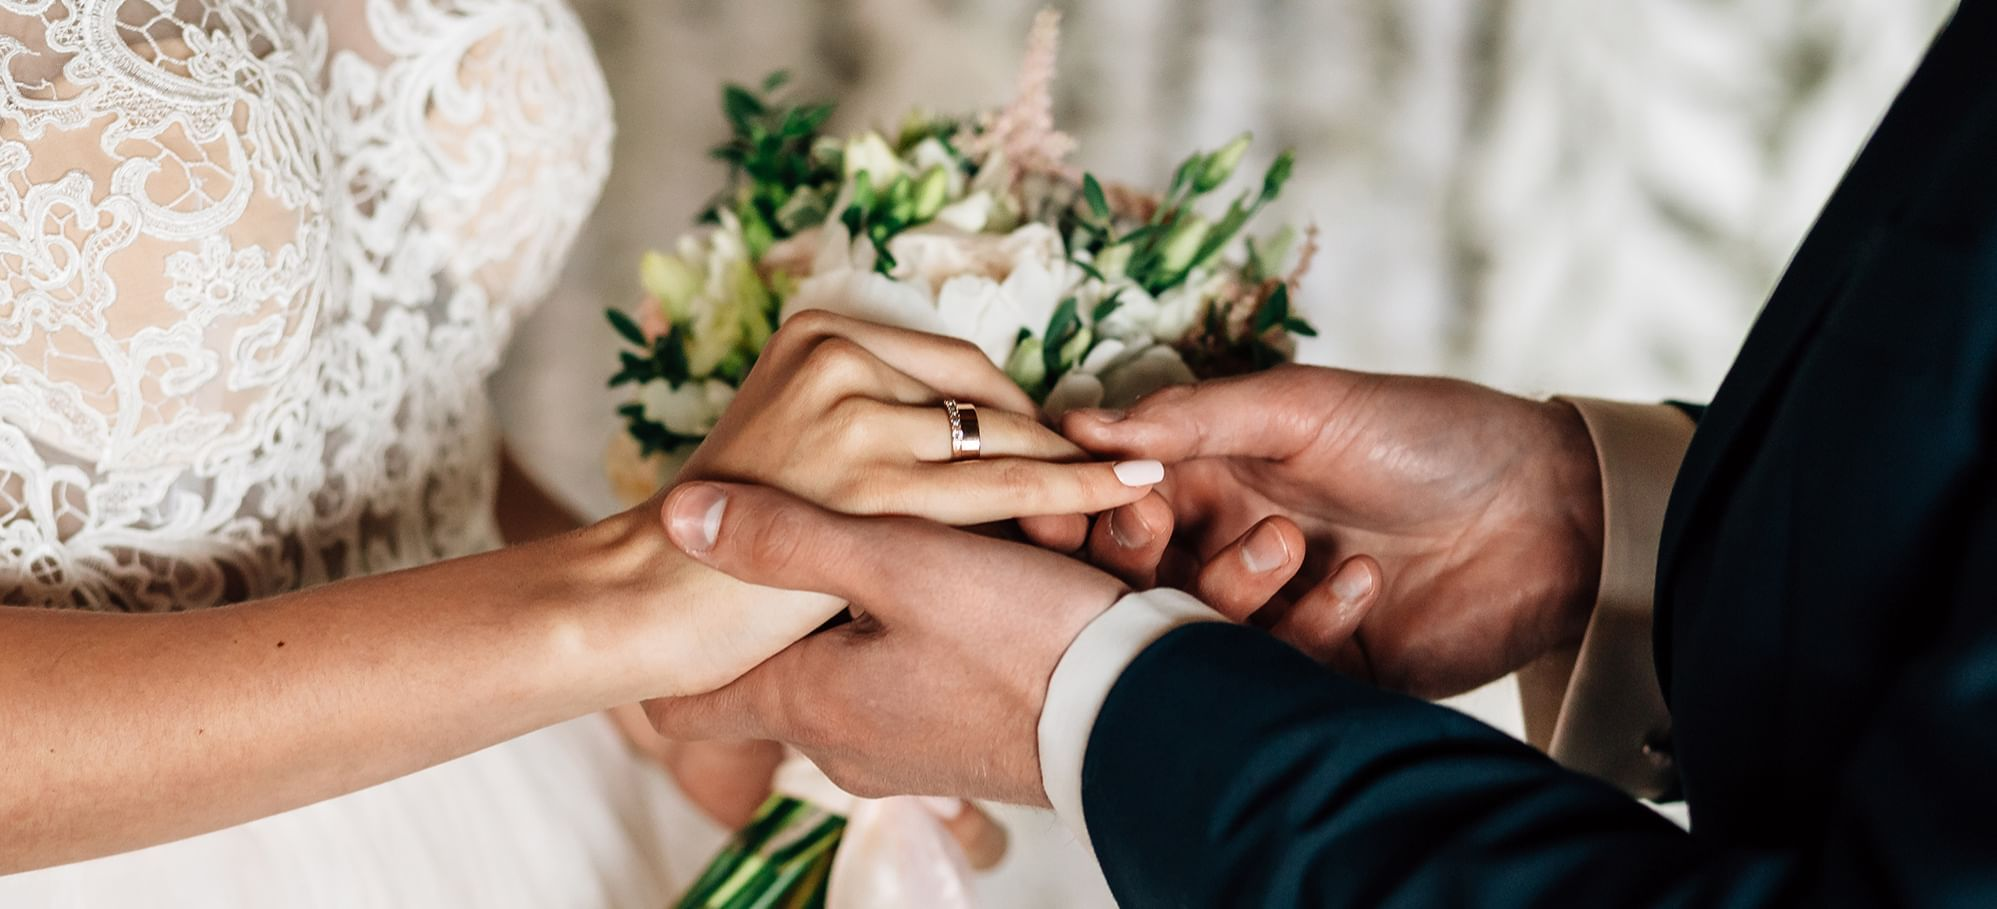 Weddings at Warwick Hotels and Resorts